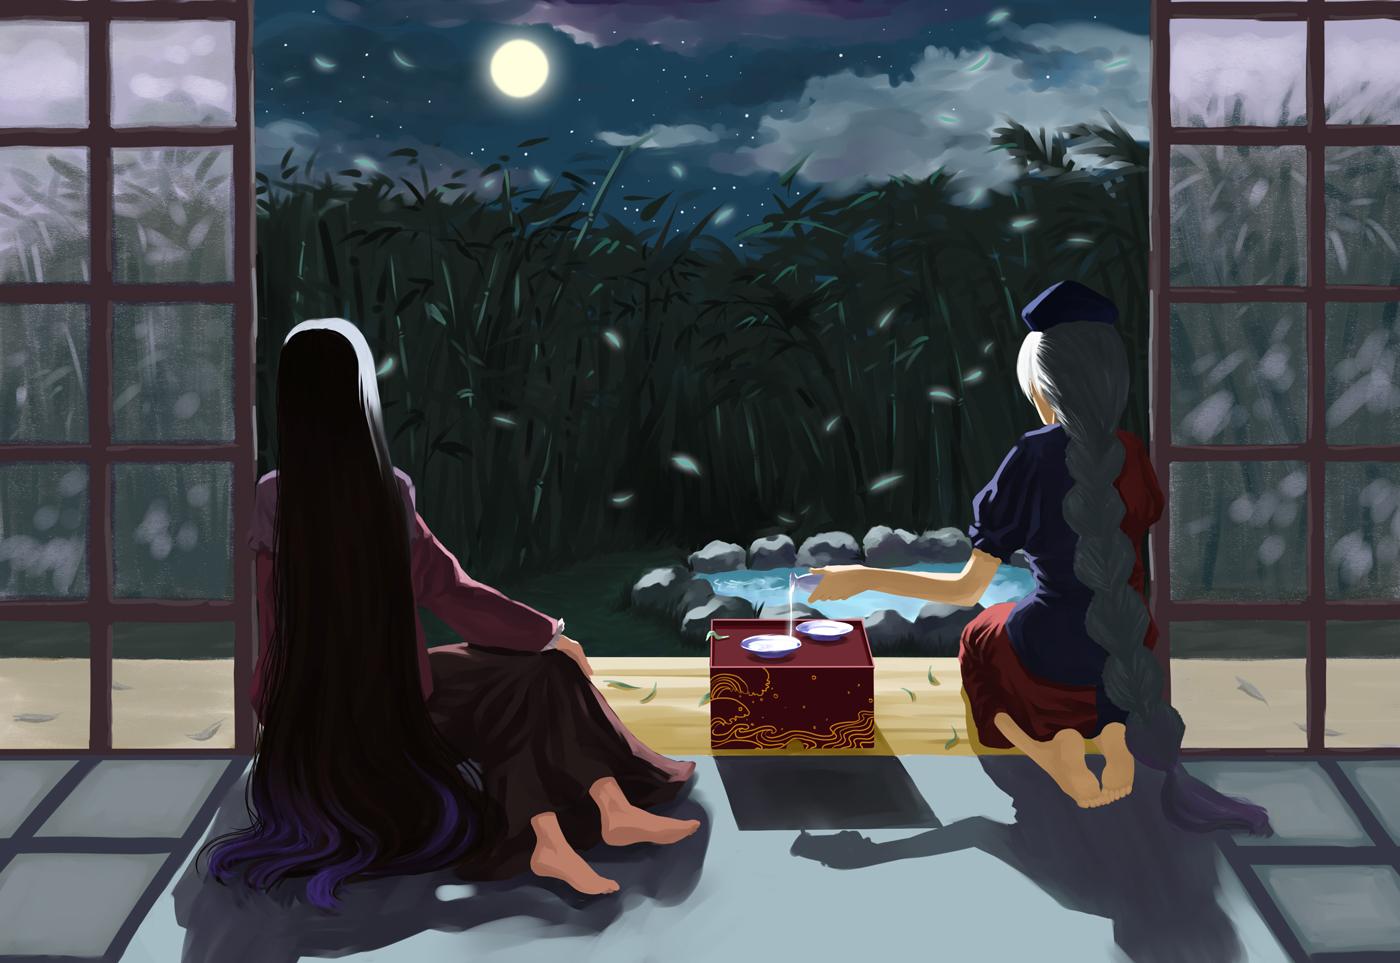 2girls barefoot black_hair braids clouds dress drink gray_hair hat houraisan_kaguya long_hair moon night orangec sake stars touhou water yagokoro_eirin